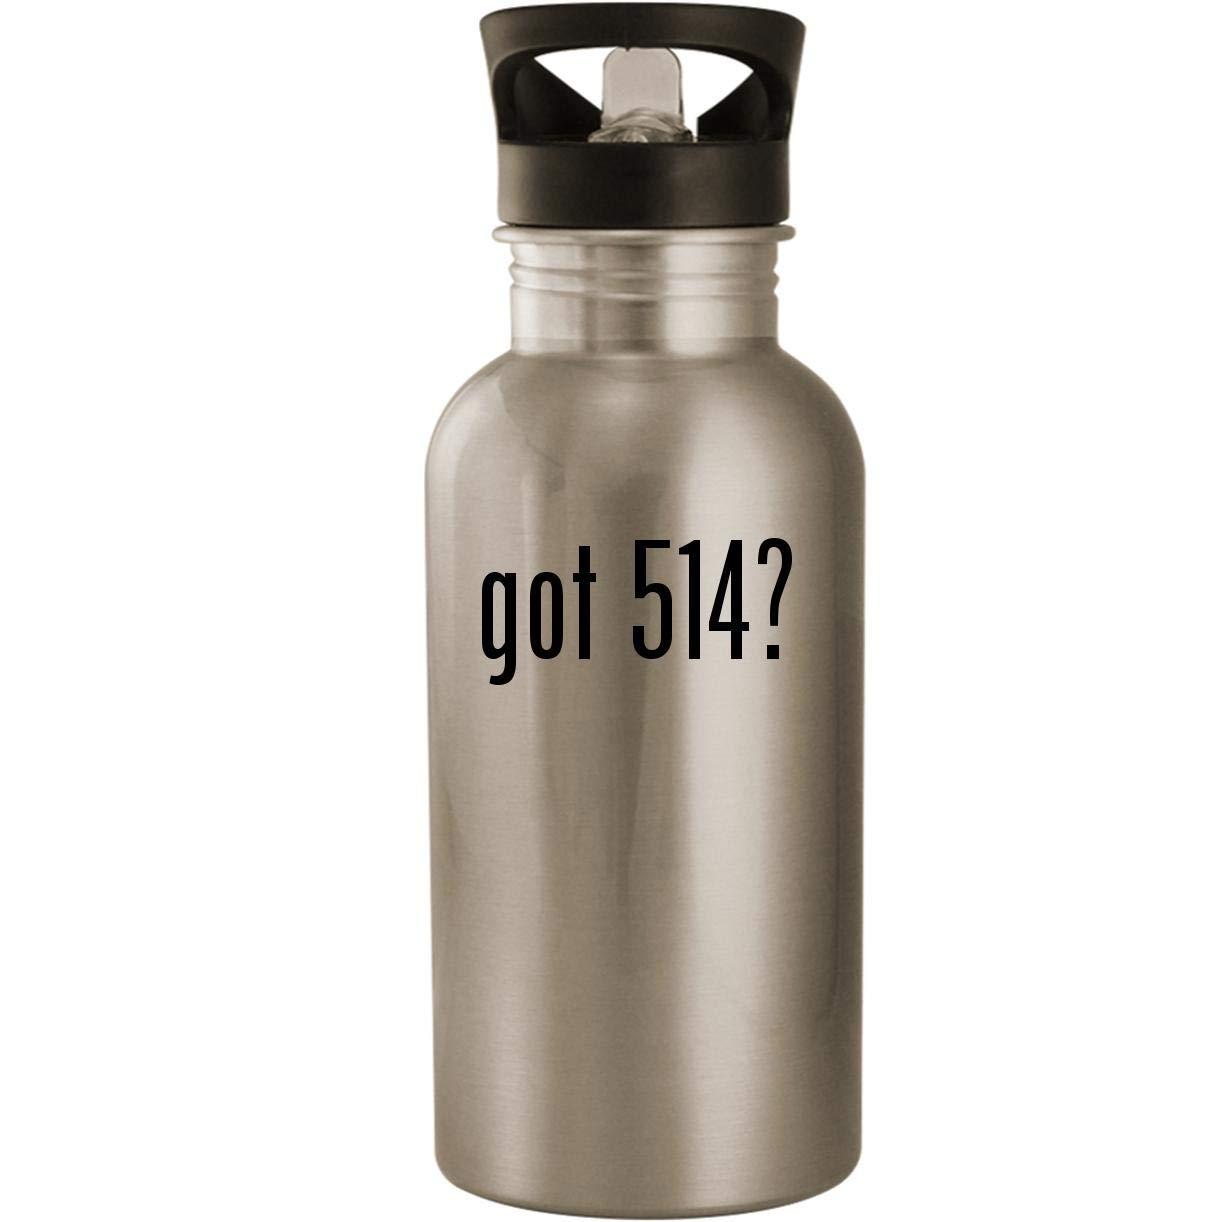 got 514? - Stainless Steel 20oz Road Ready Water Bottle, Silver